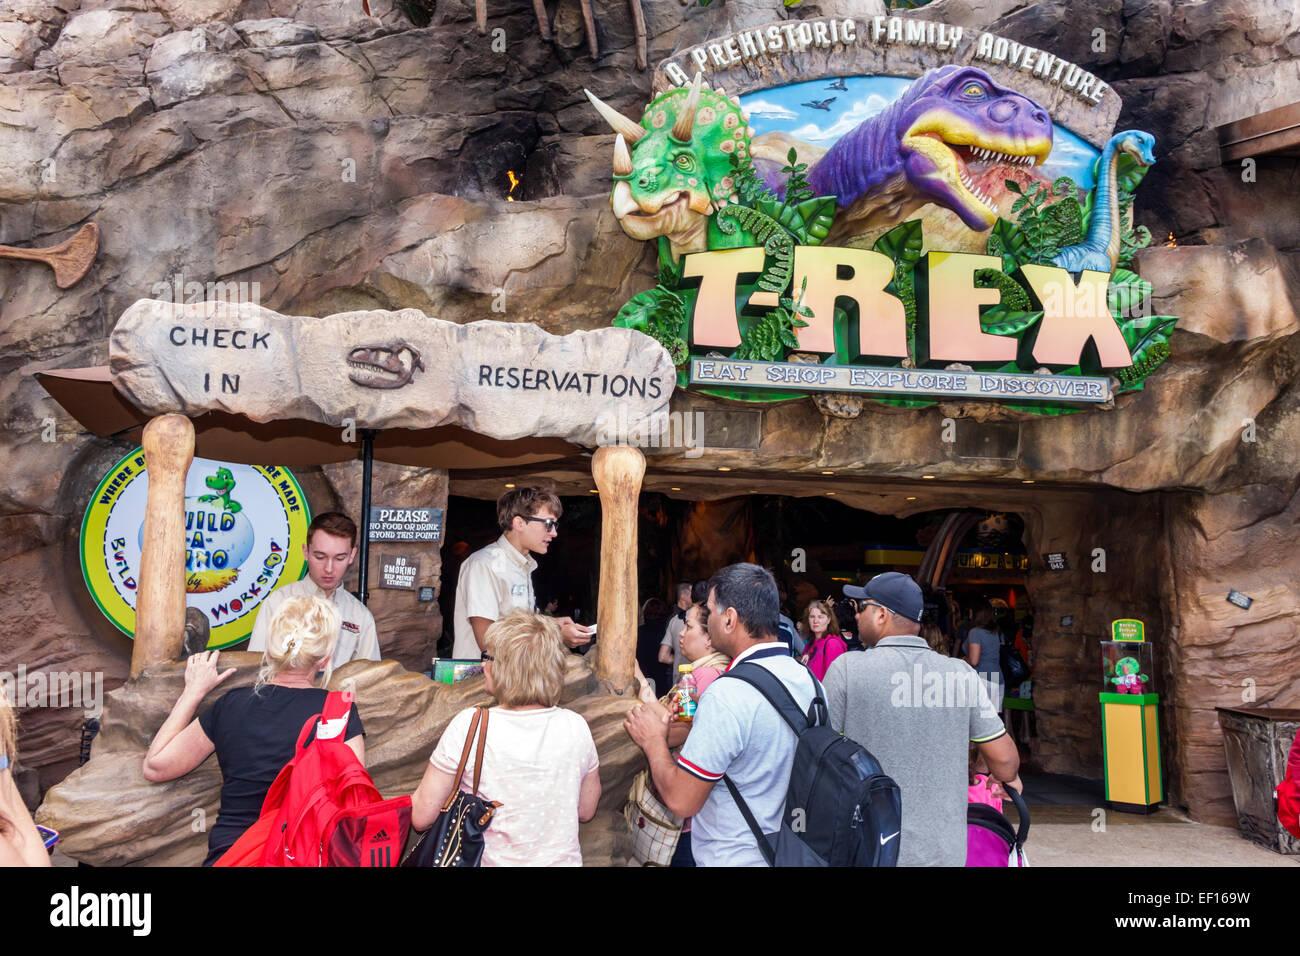 Orlando Lake Buena Vista en Florida Downtown Disney compras restaurantes restaurante T-Rex dinosaurio entrada cola Imagen De Stock